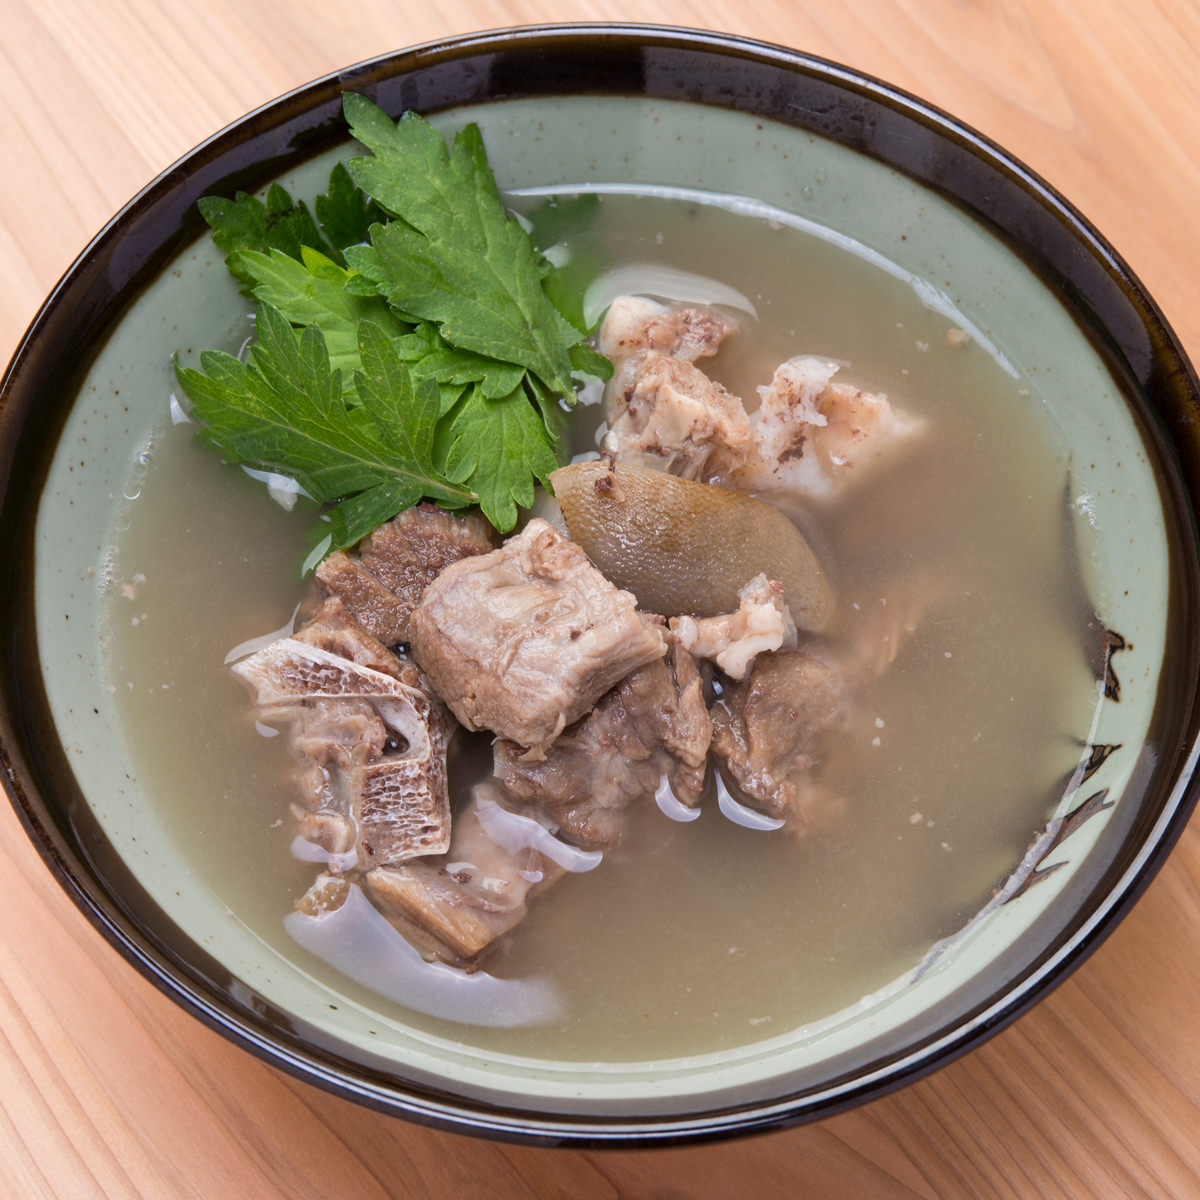 沖縄特産品・山羊汁